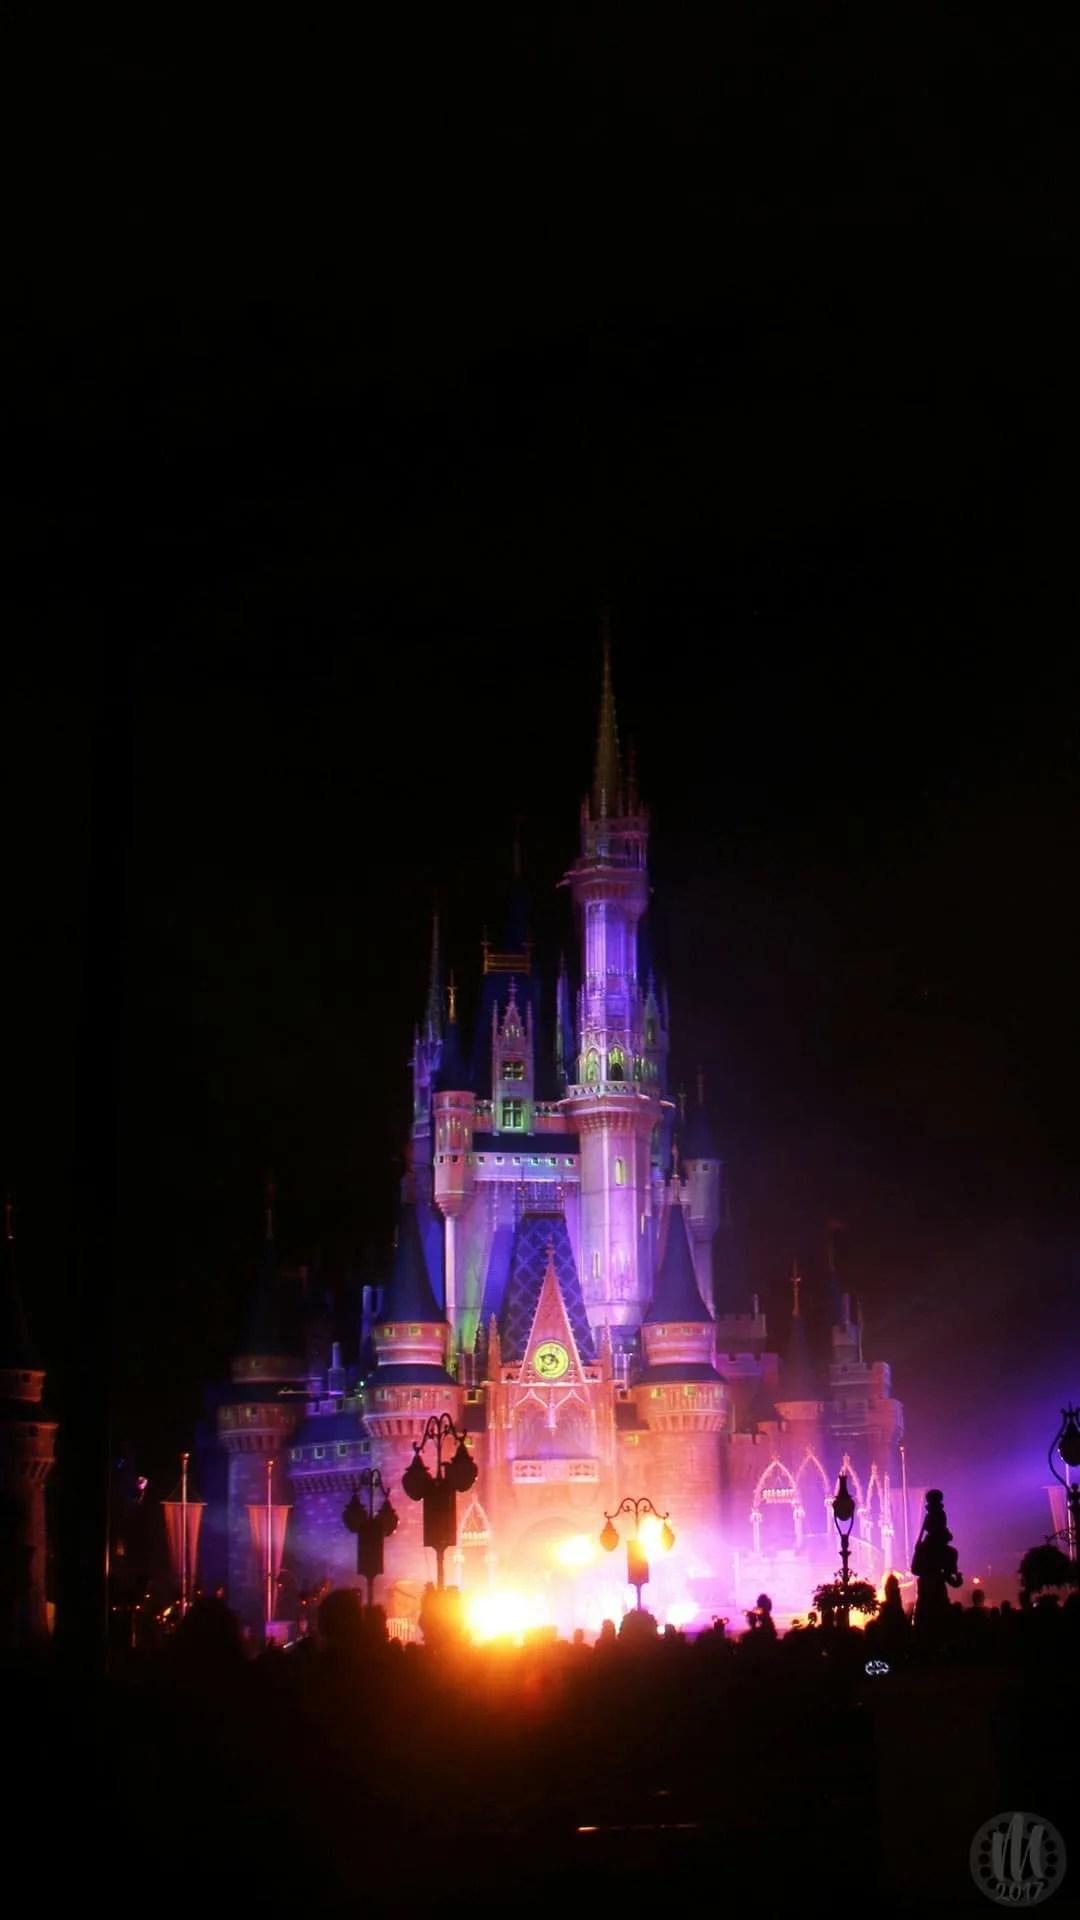 Disney Halloween iPhone Wallpapers - Cinderella Castle